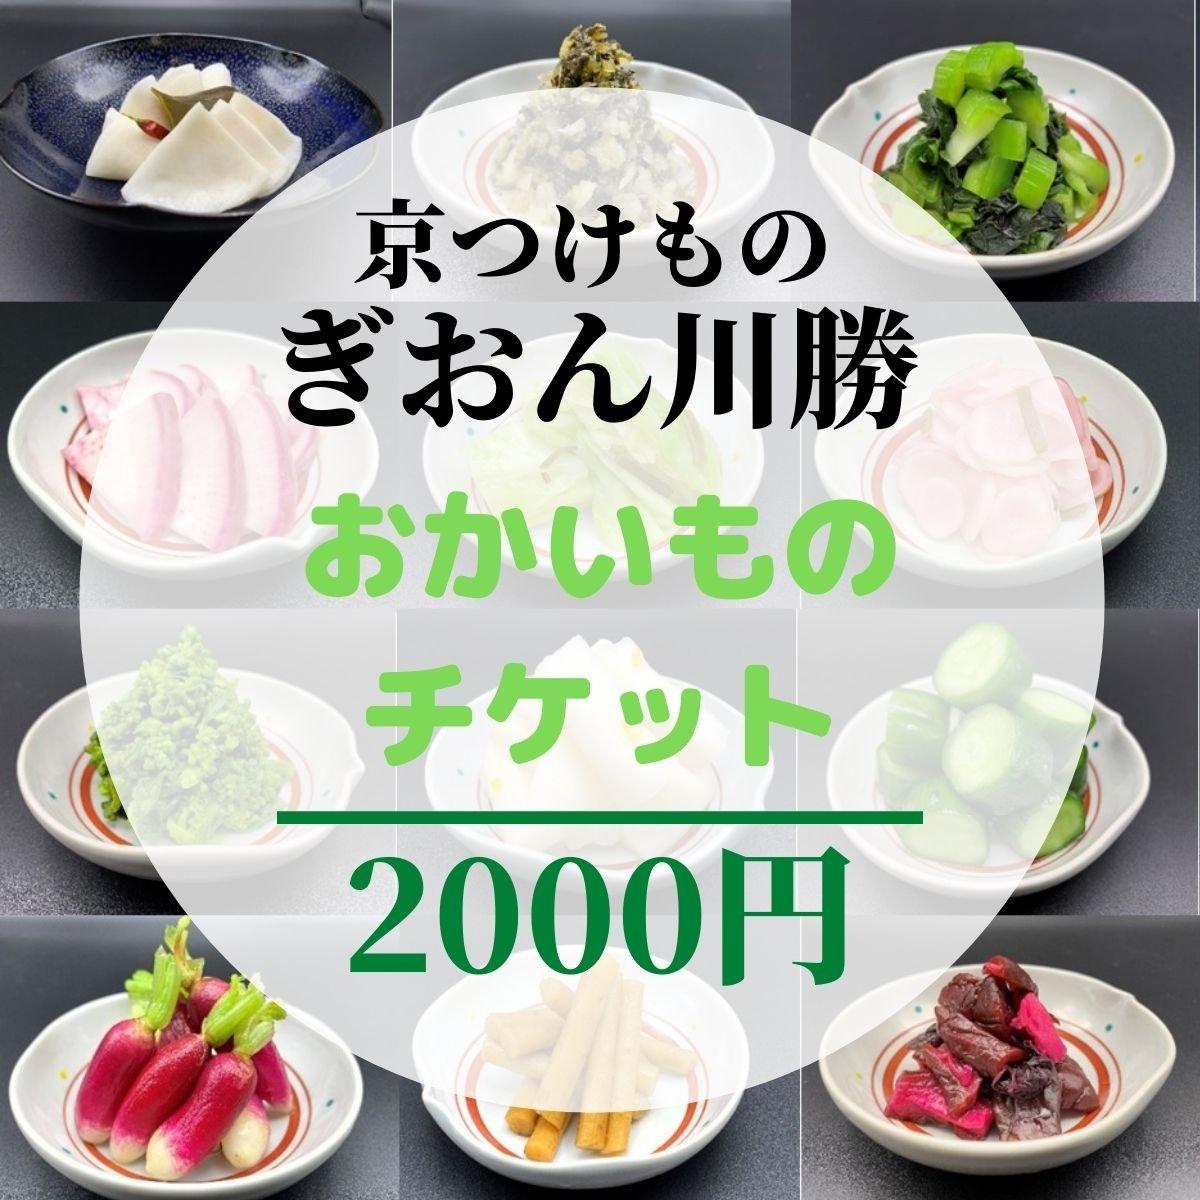 ぎおん川勝で使える【2000円チケット】ポイントも還元がお得!のイメージその1